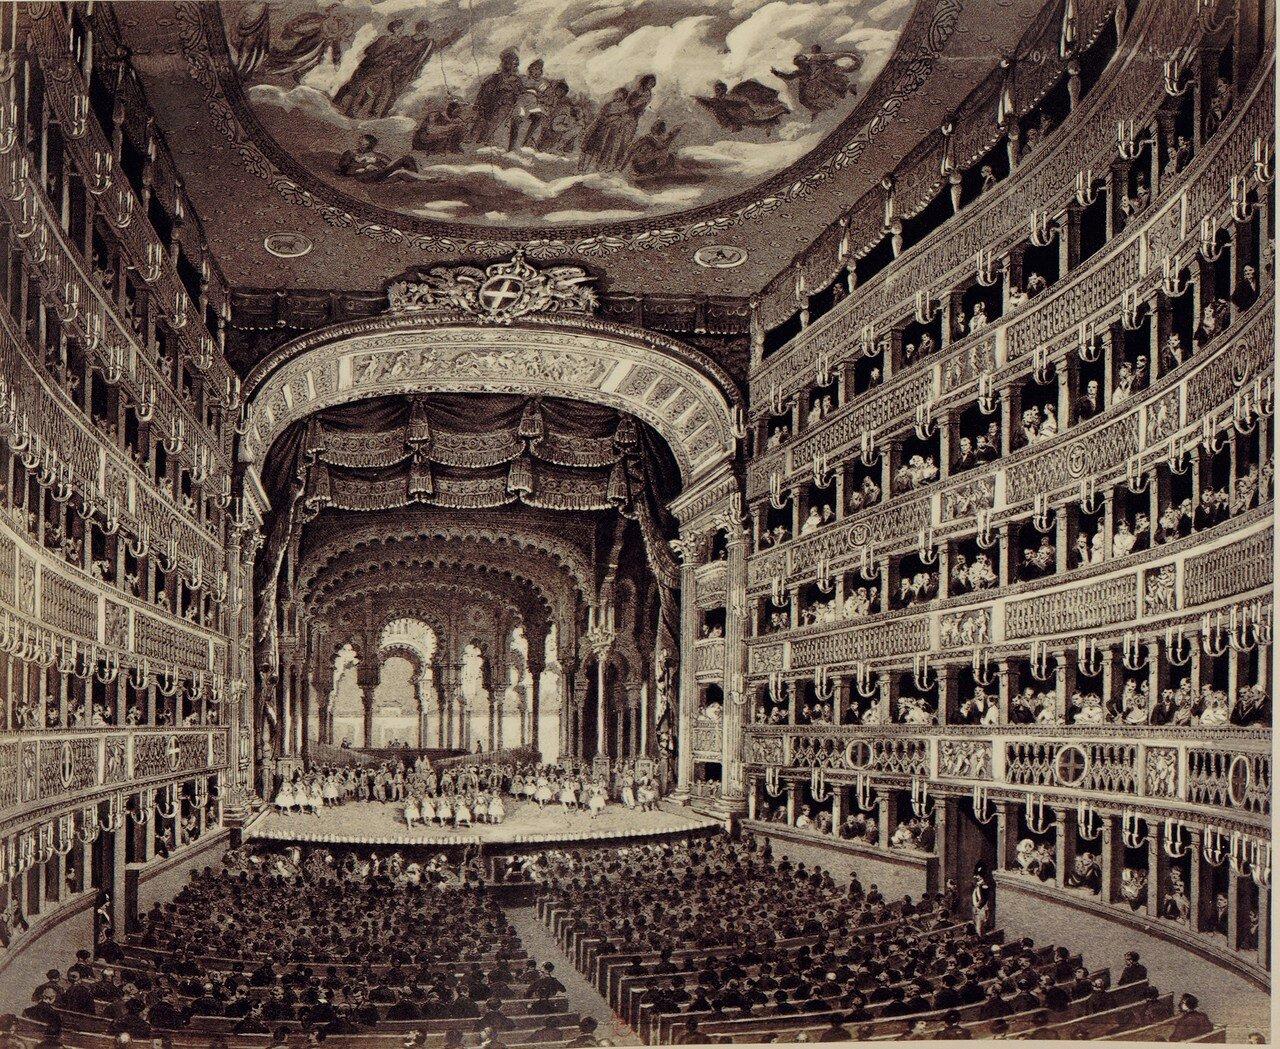 47. Внутри театра Сан-Карло